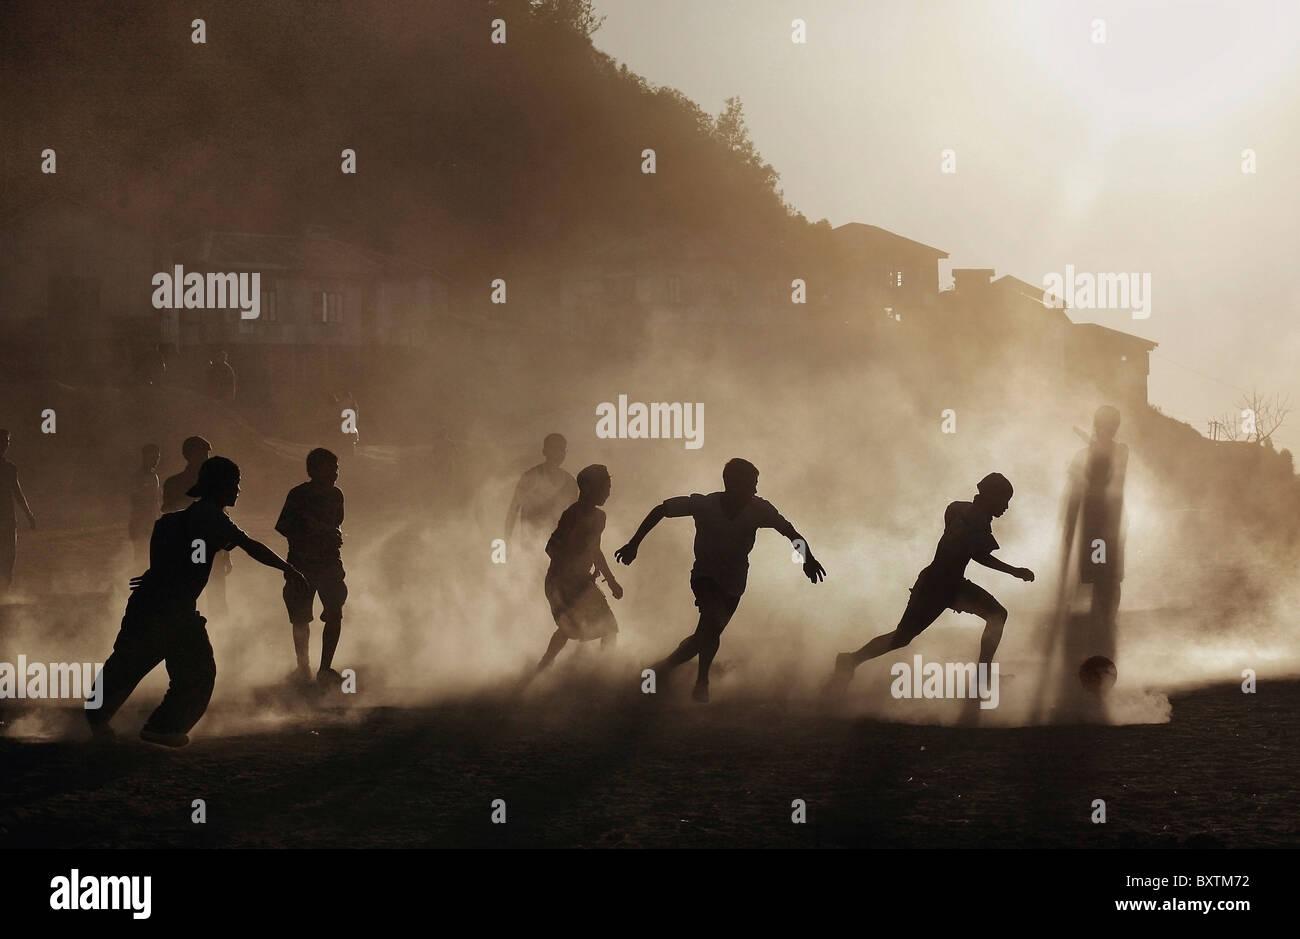 Siluetas de Mizo niños corriendo en un polvoriento campo de Fútbol al Atardecer Imagen De Stock